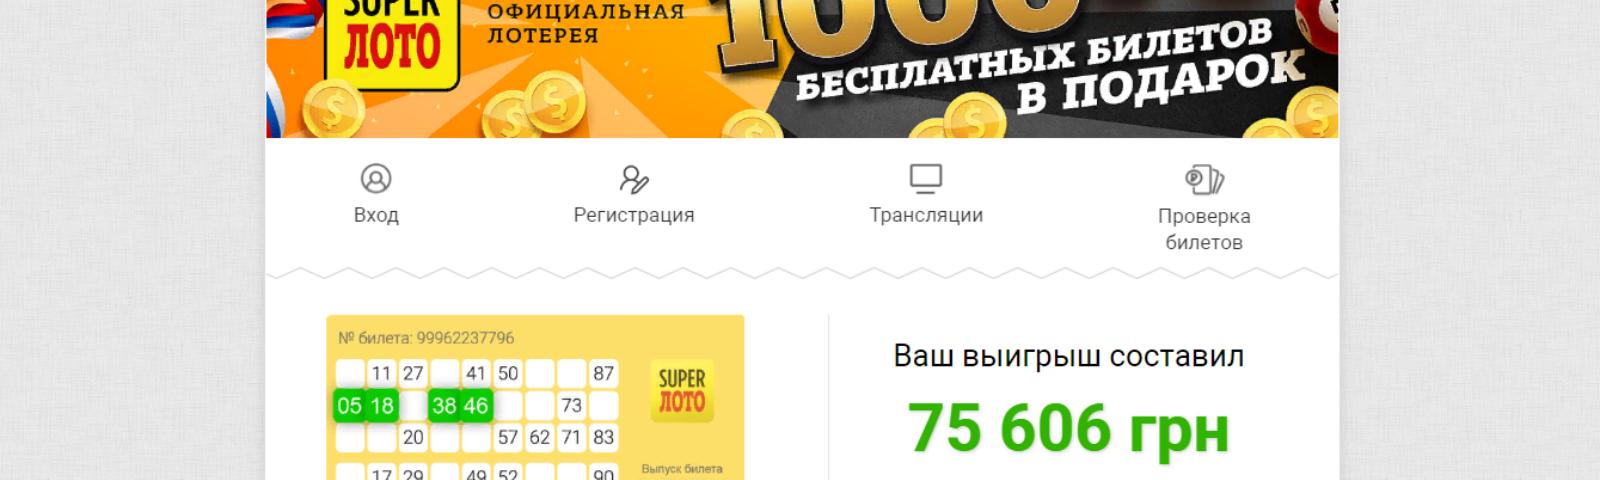 Euromillions - oficjalna strona europejskiej loterii euromillions, grać w loto z rosji, Opinie | duże lotto